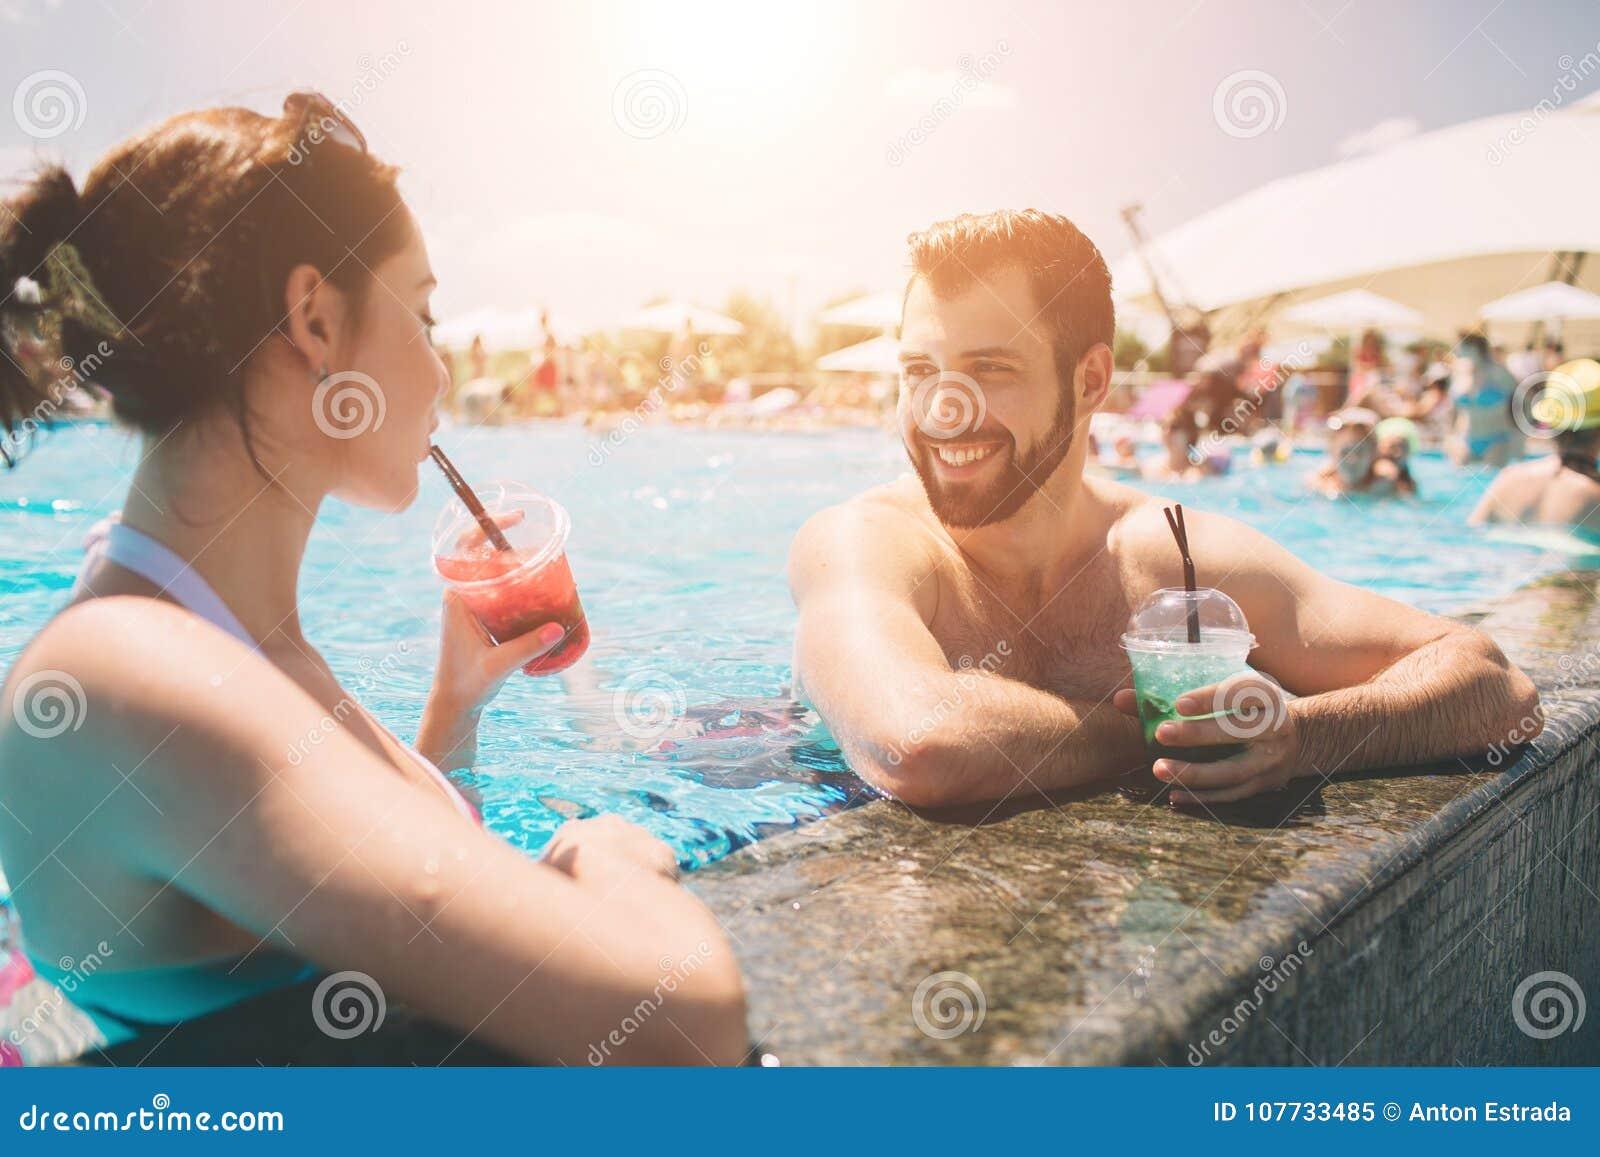 Νέο ζεύγος από την πισίνα Άνδρας και γυναίκες που πίνουν τα κοκτέιλ στο νερό